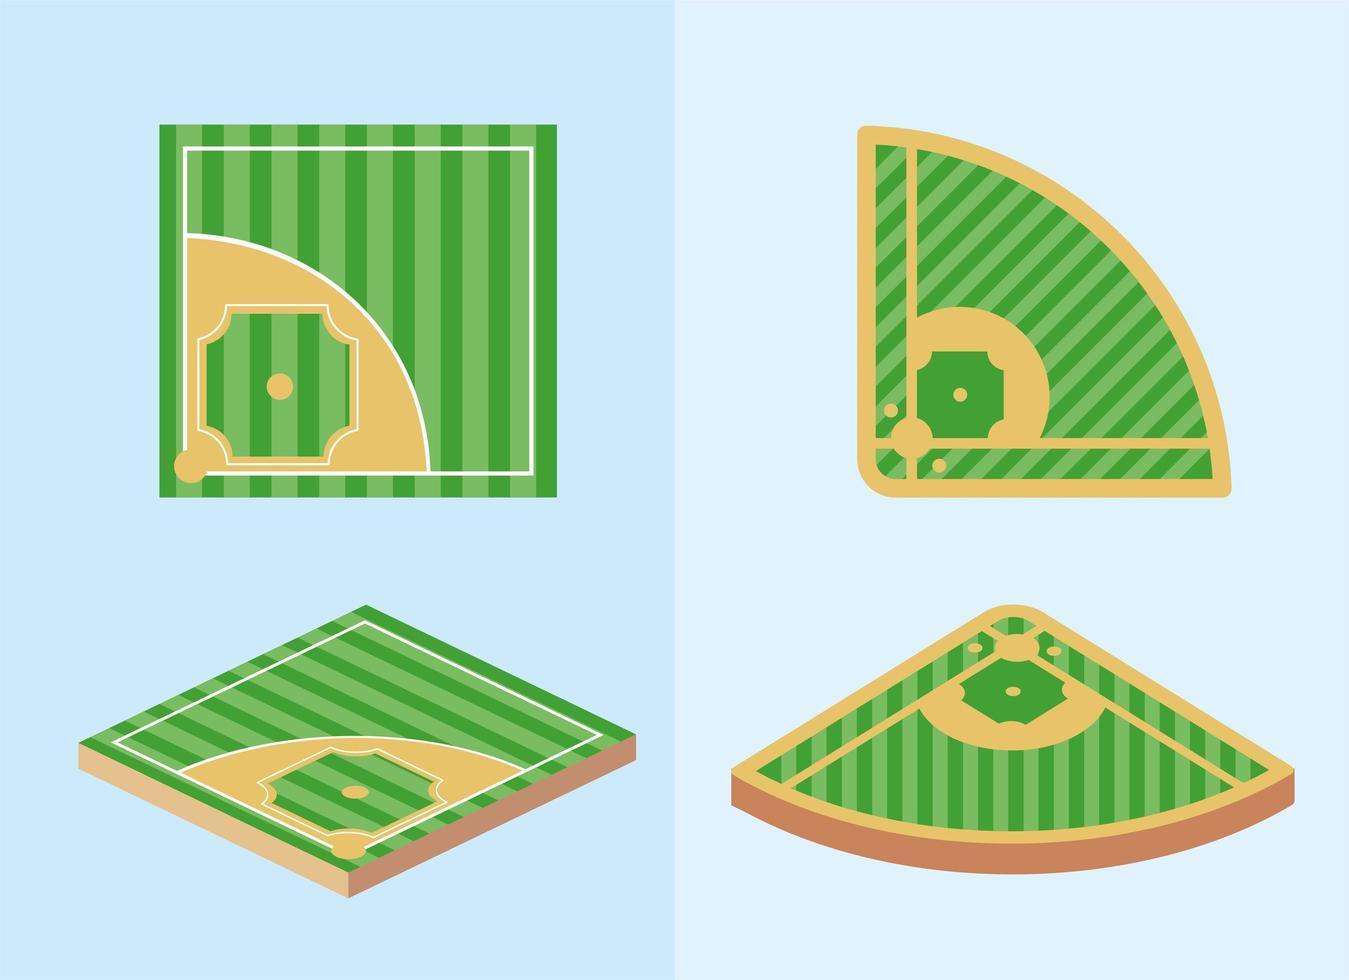 conjunto de campos de béisbol vector